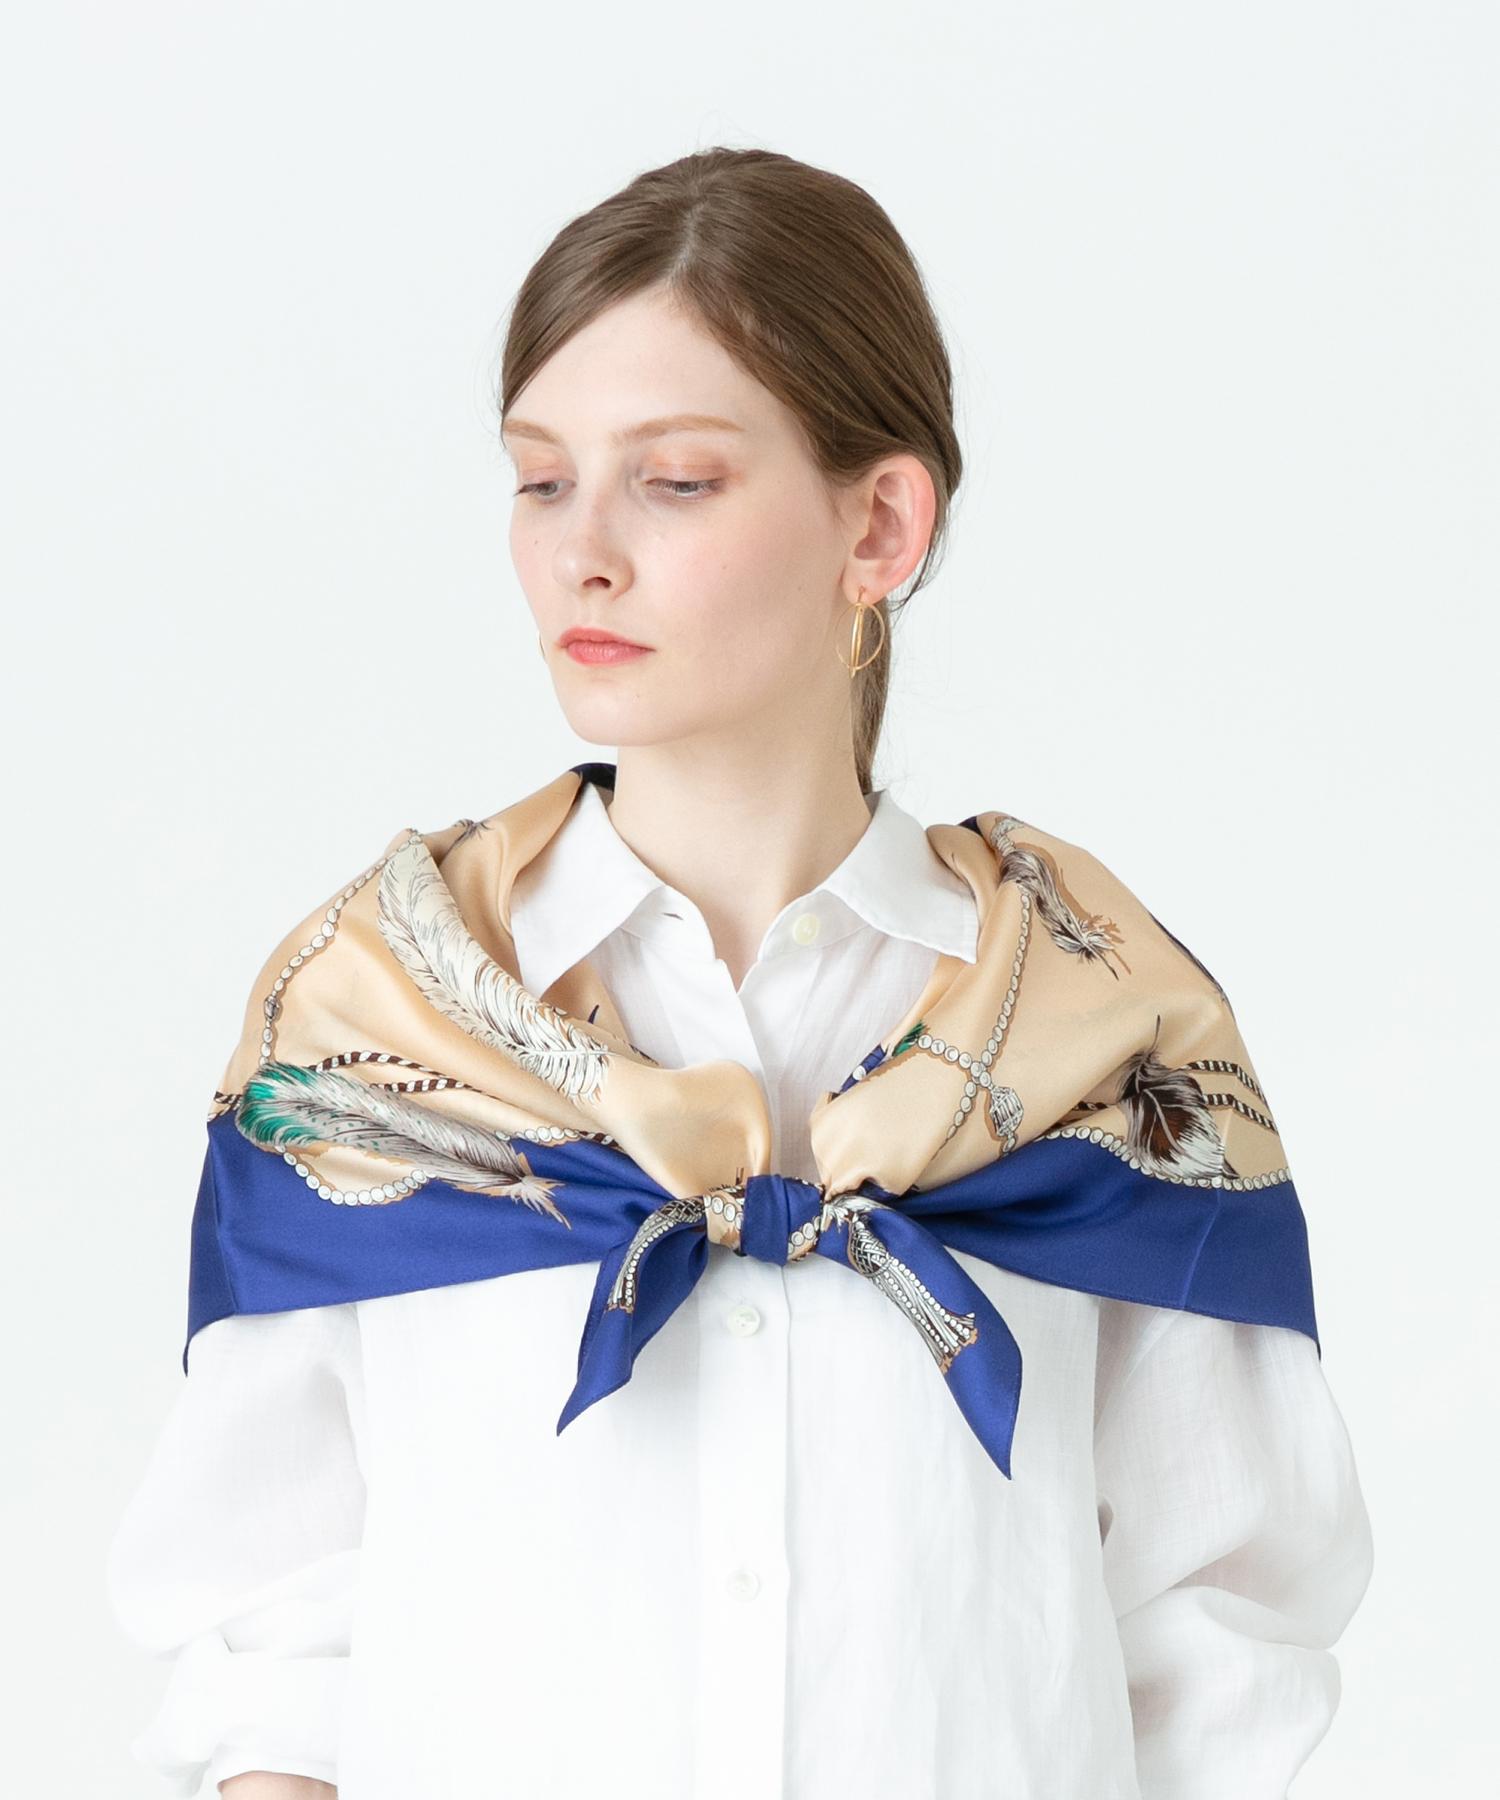 アソートパターンシルクスカーフ